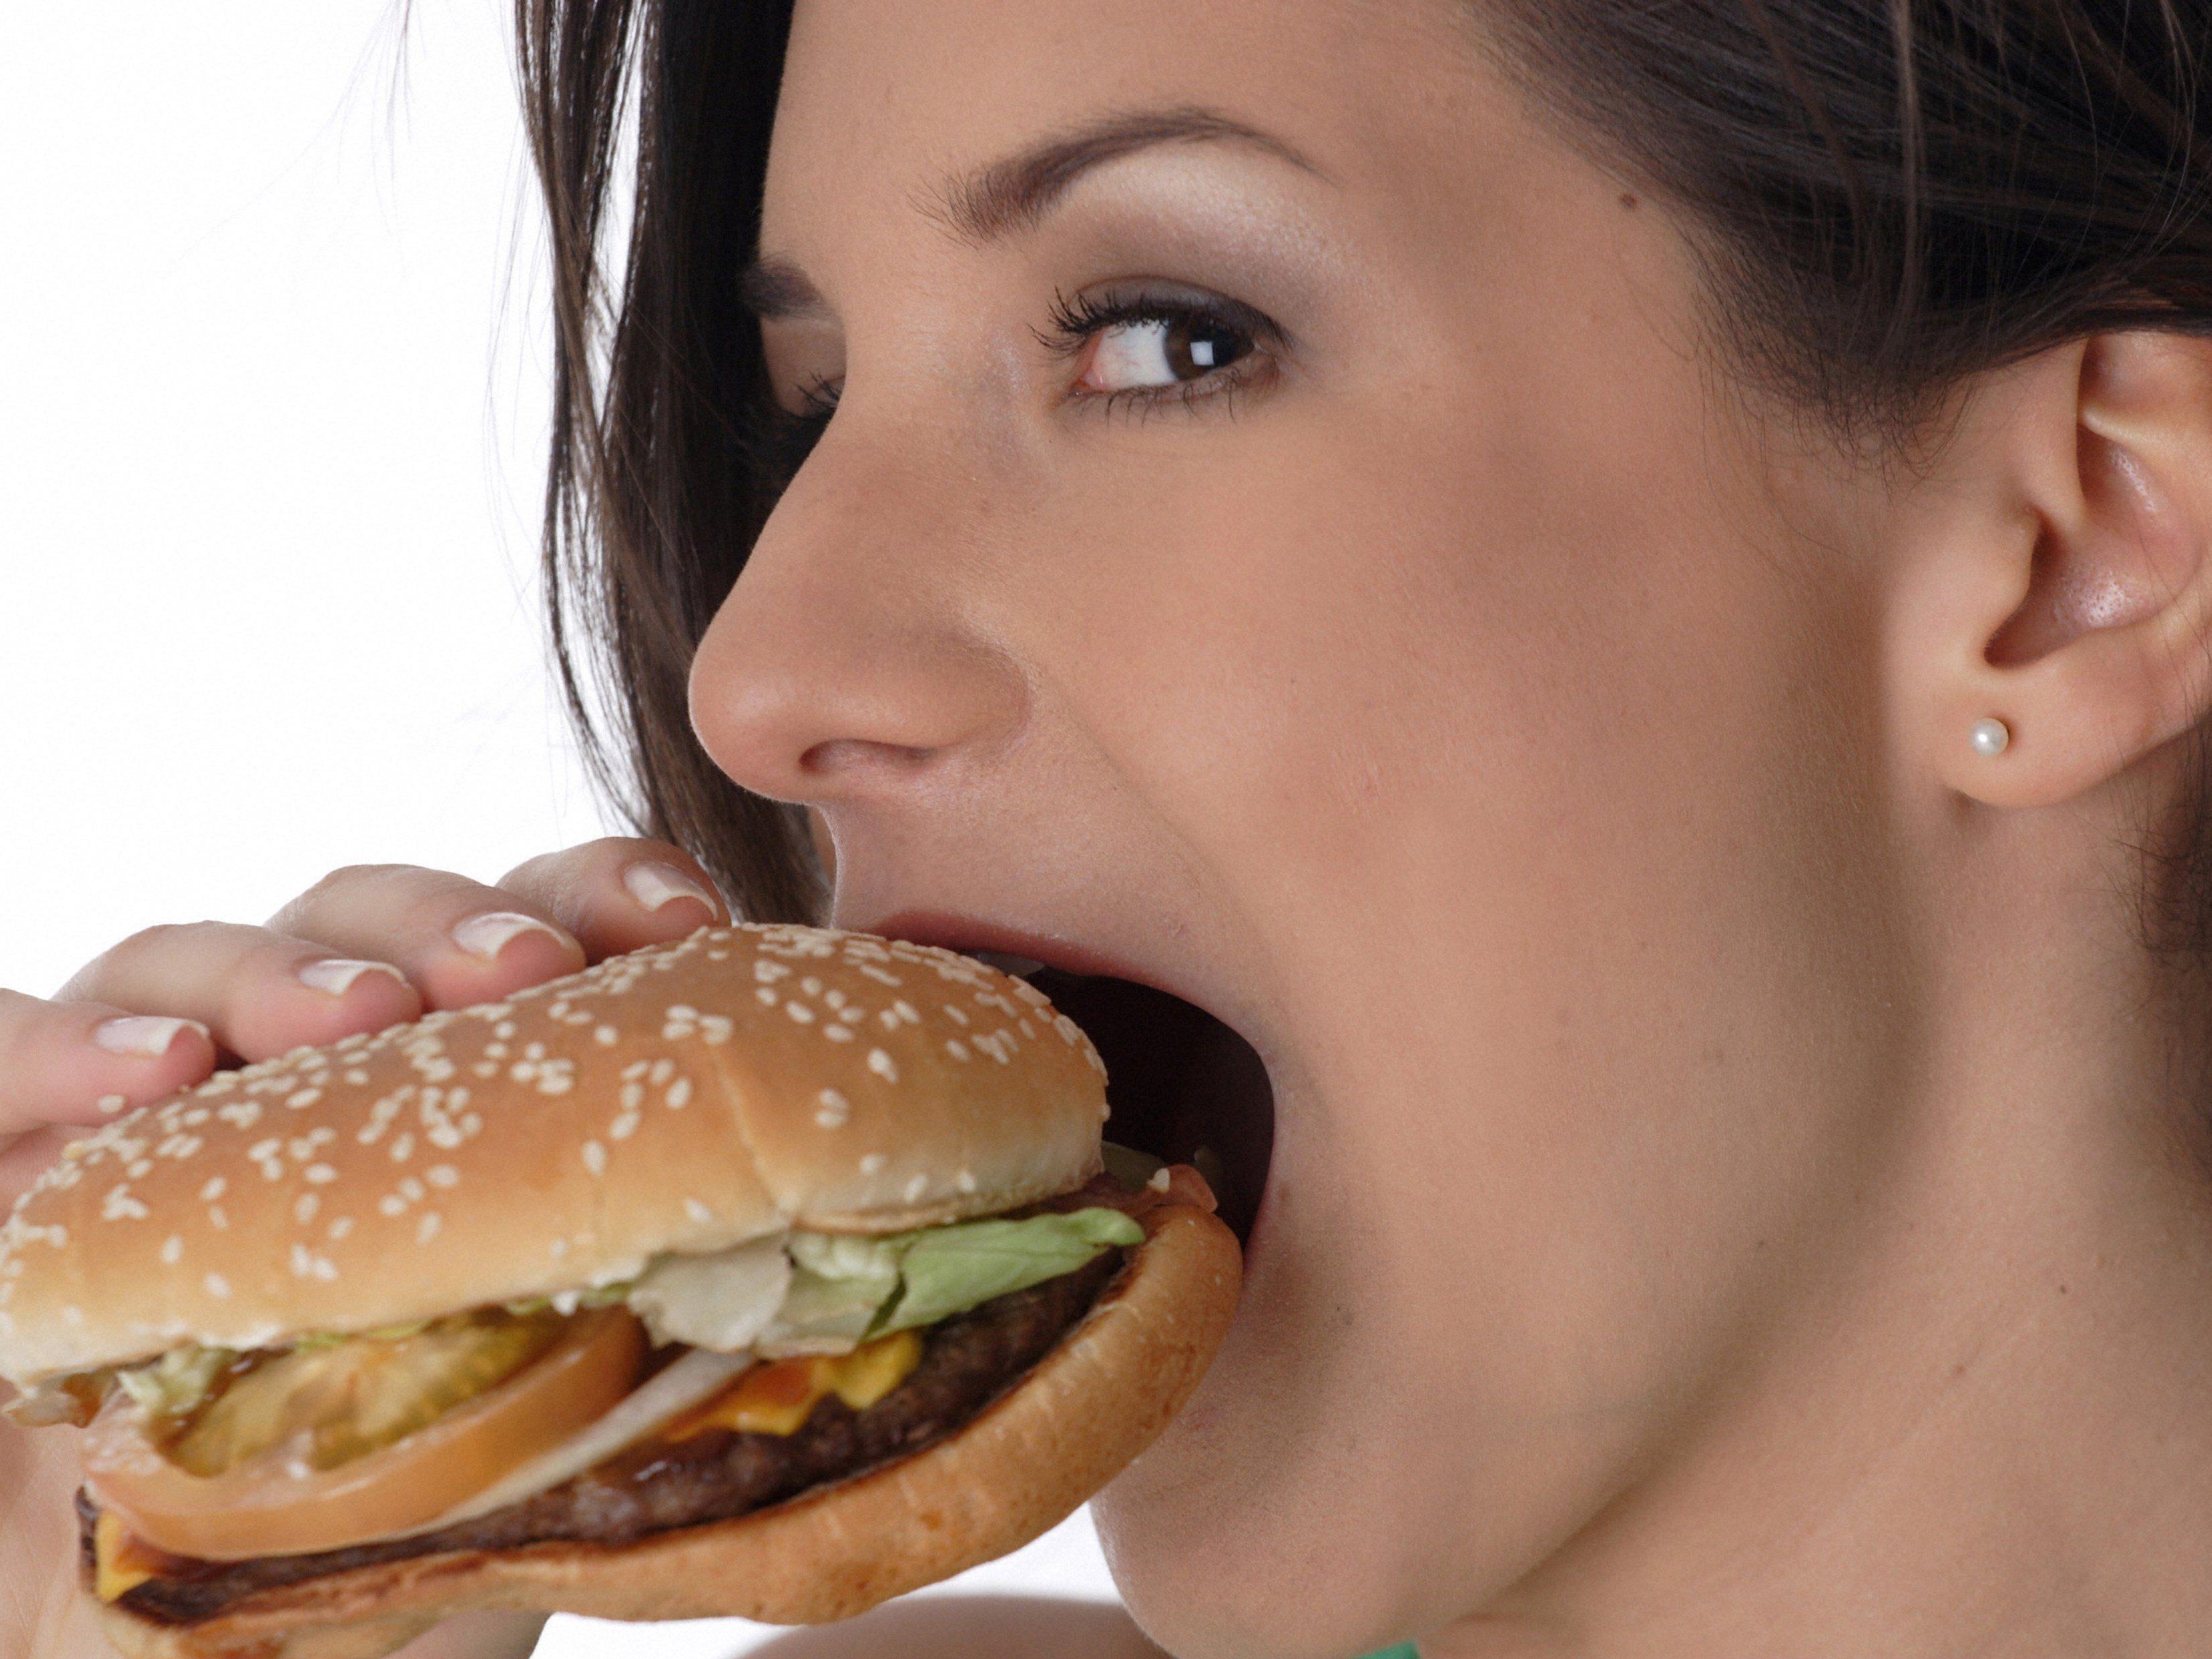 Die Dame in den USA hatte keinen Gusto auf den Burger. (Symbolbild)